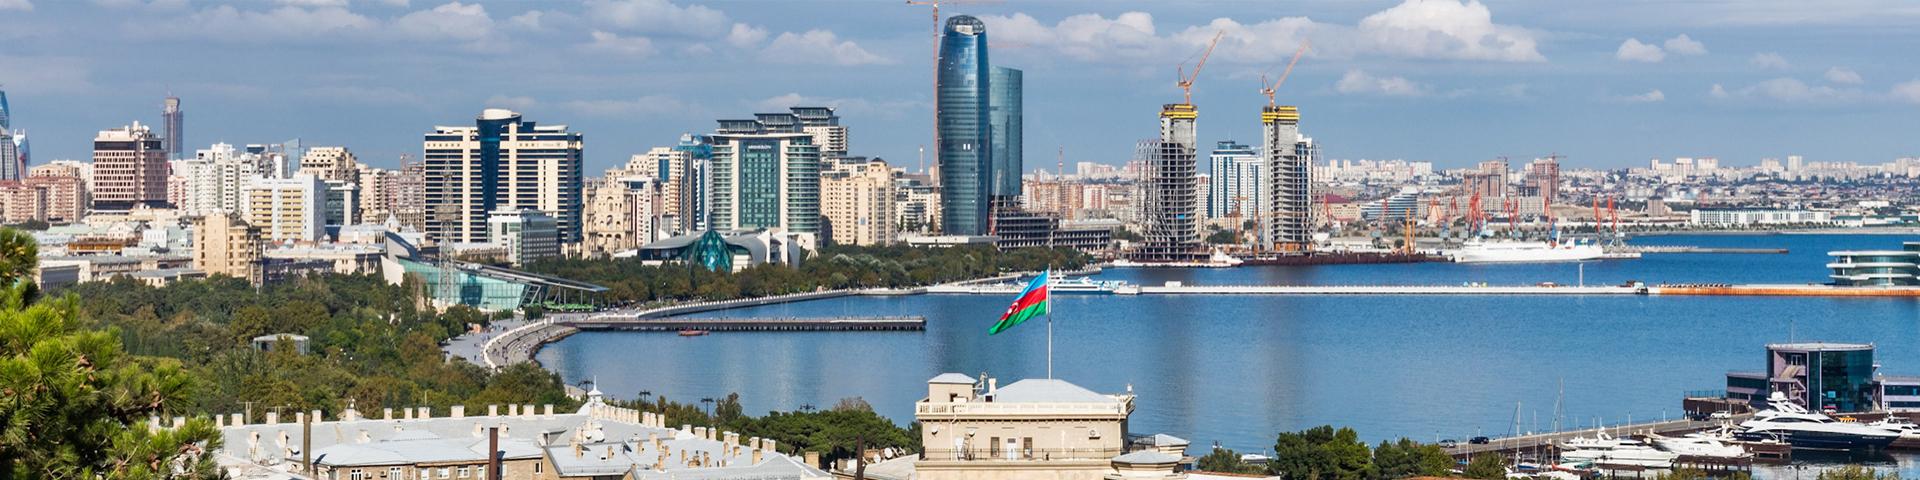 تورهای آذربایجان همیشه سفر